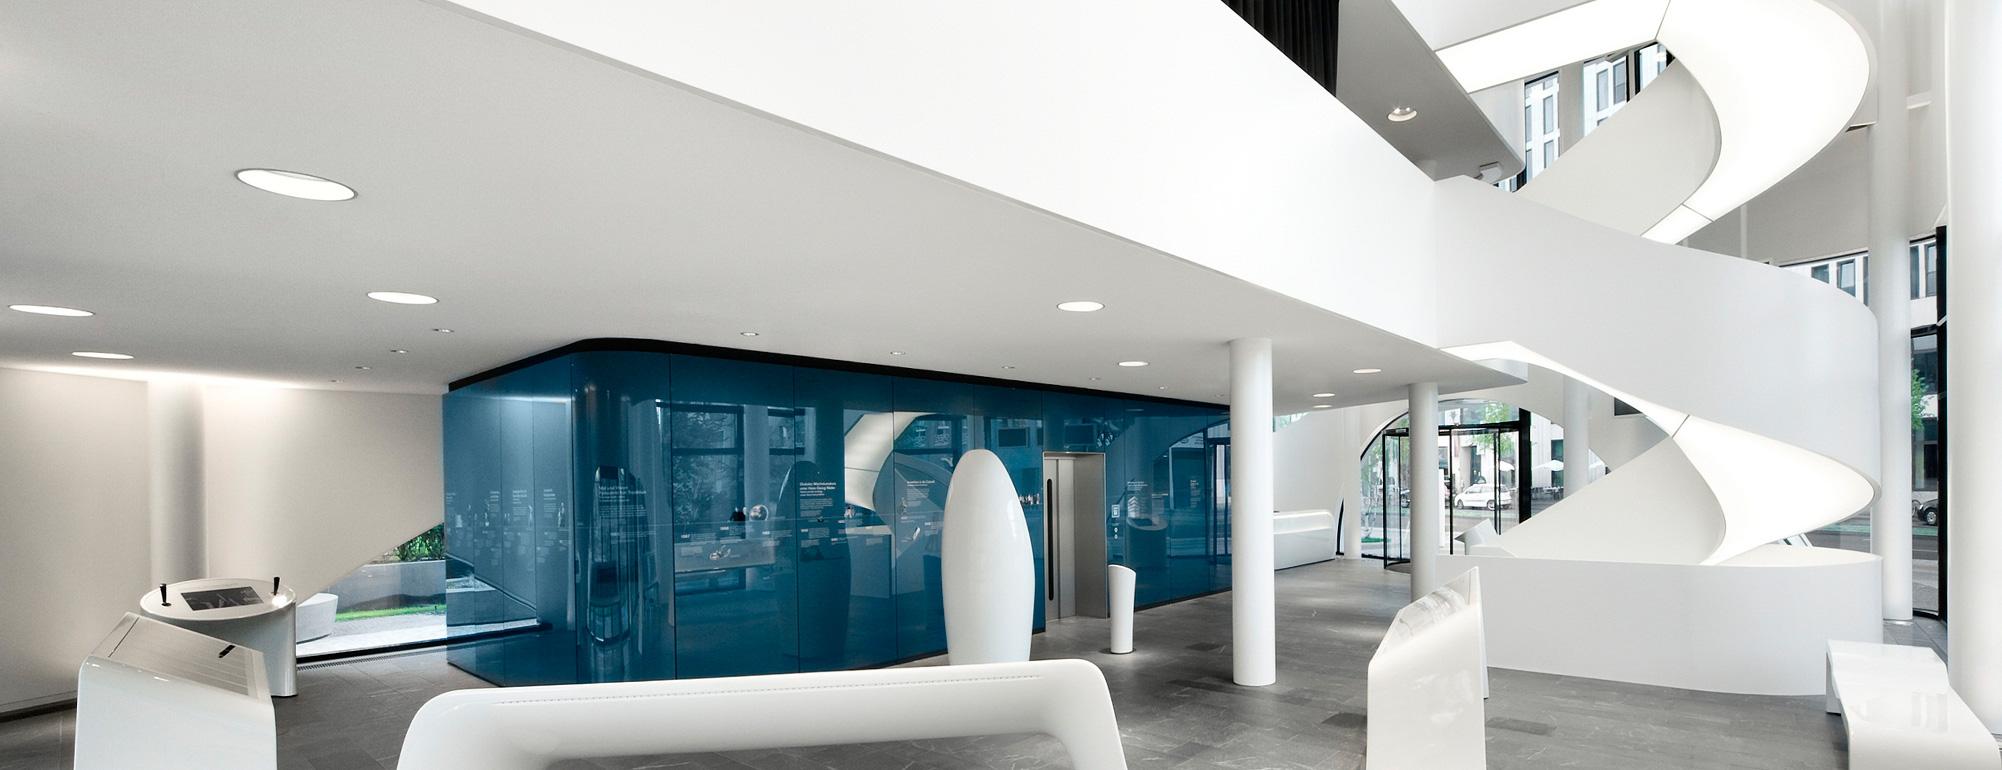 Veranstaltungen events architektur creative city berlin for Architektur master berlin